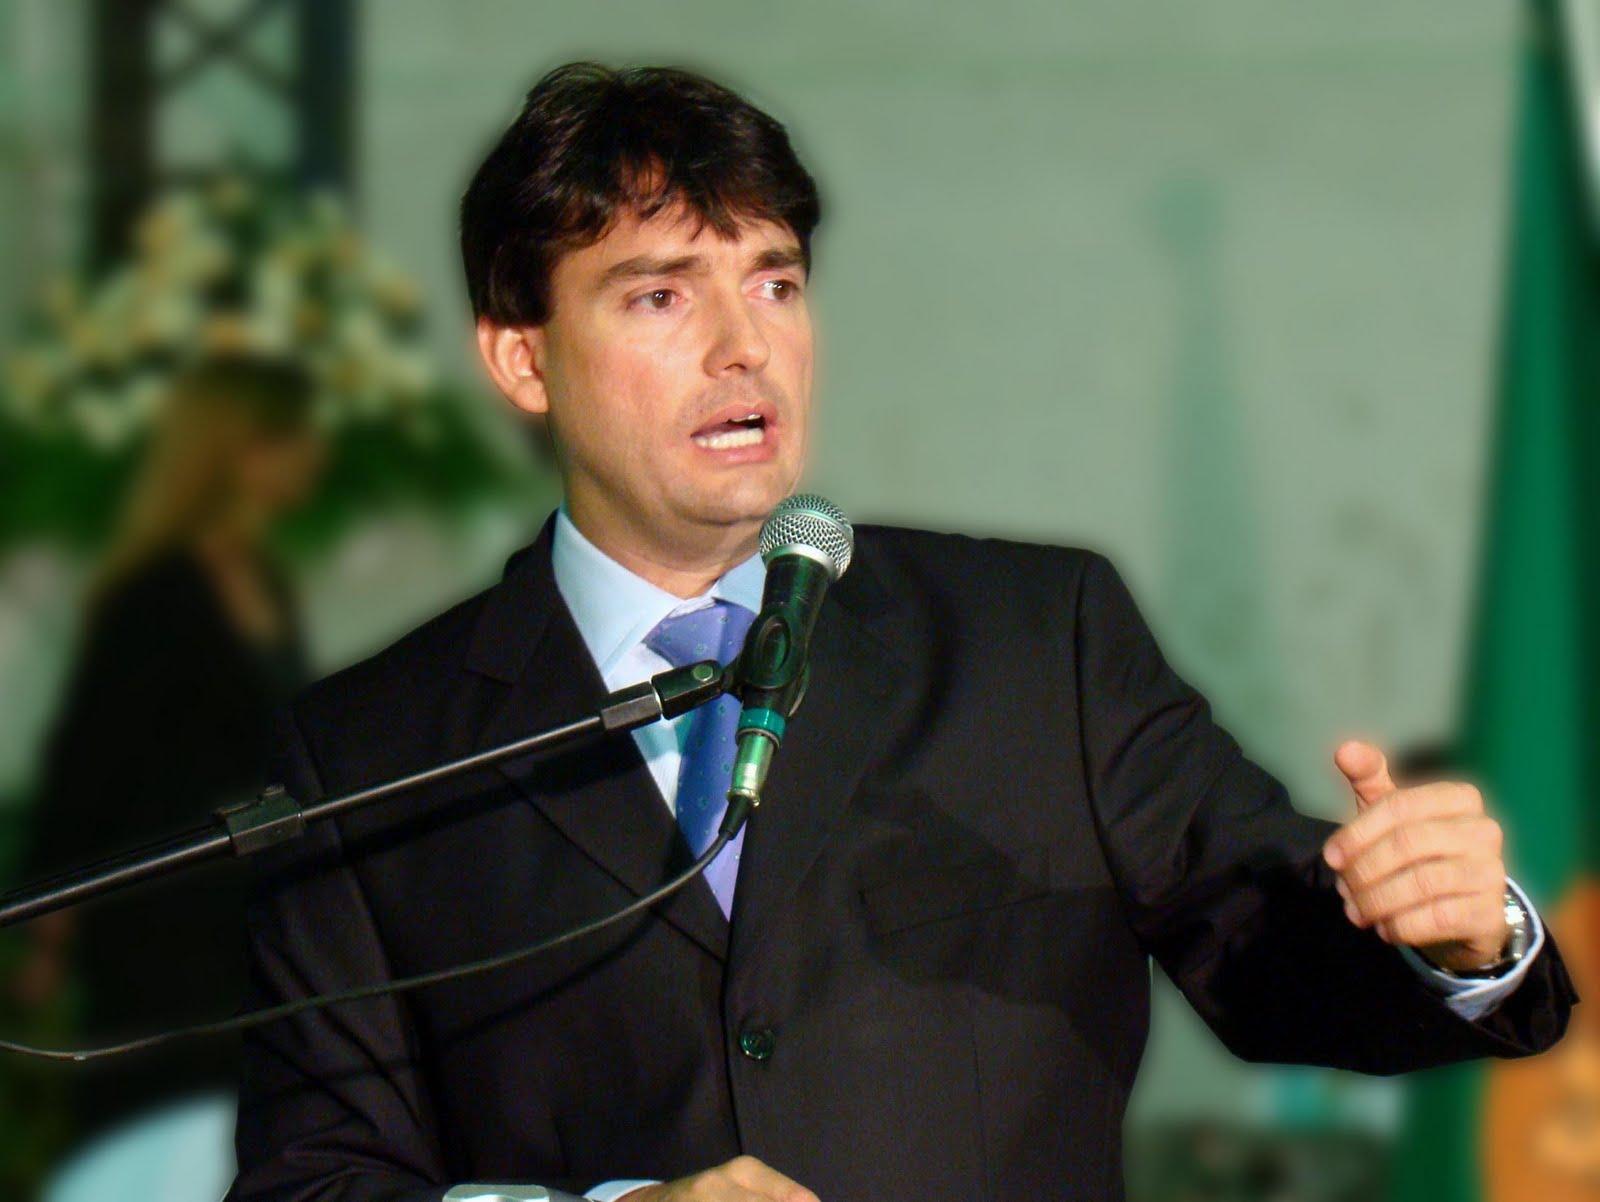 ARAGAOJUNIOR - Ex-prefeito de Matinhas é absolvido da acusação de improbidade administrativa por falta de provas